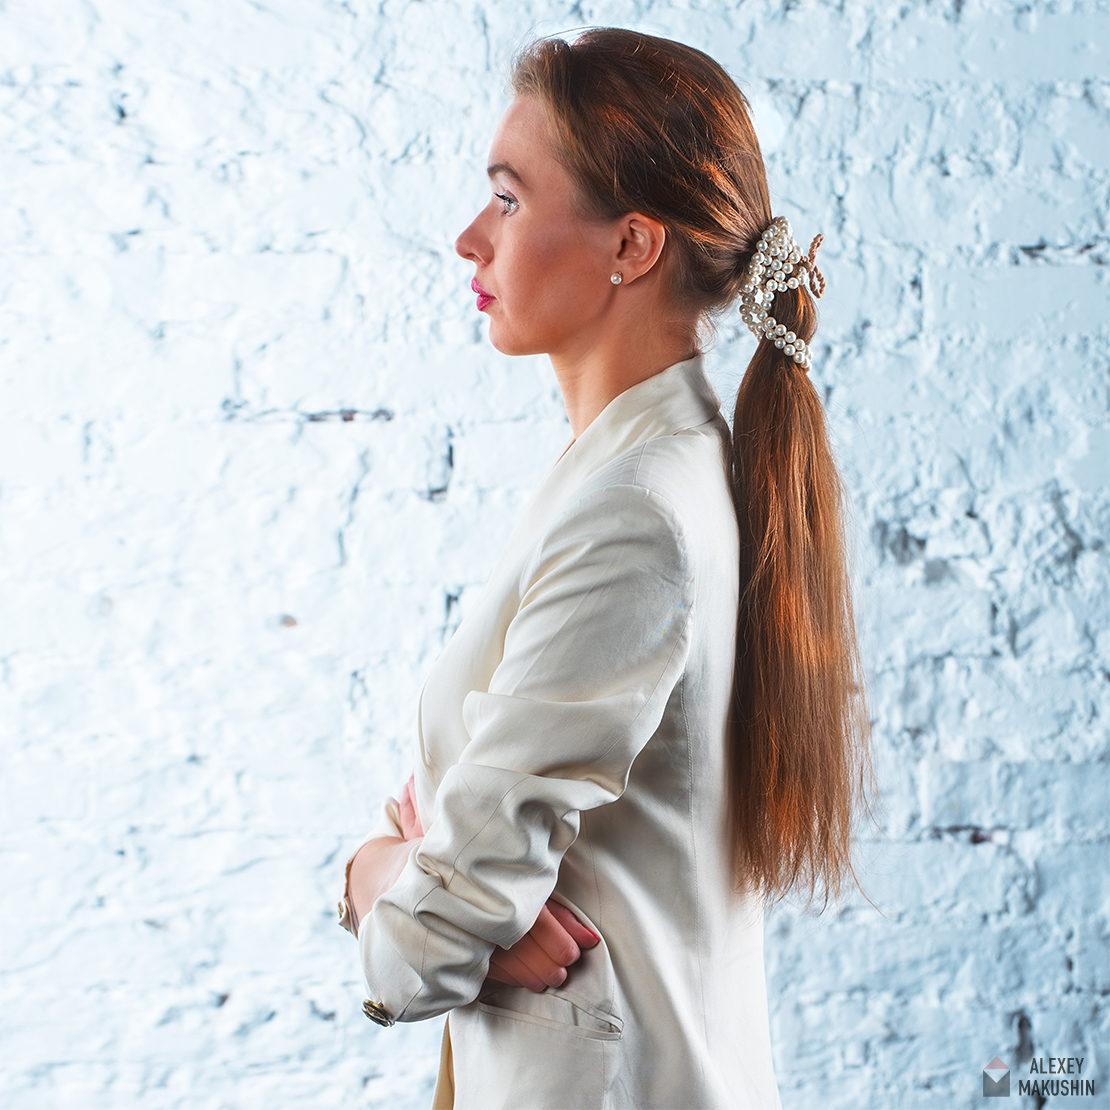 Психологический портрет женщины